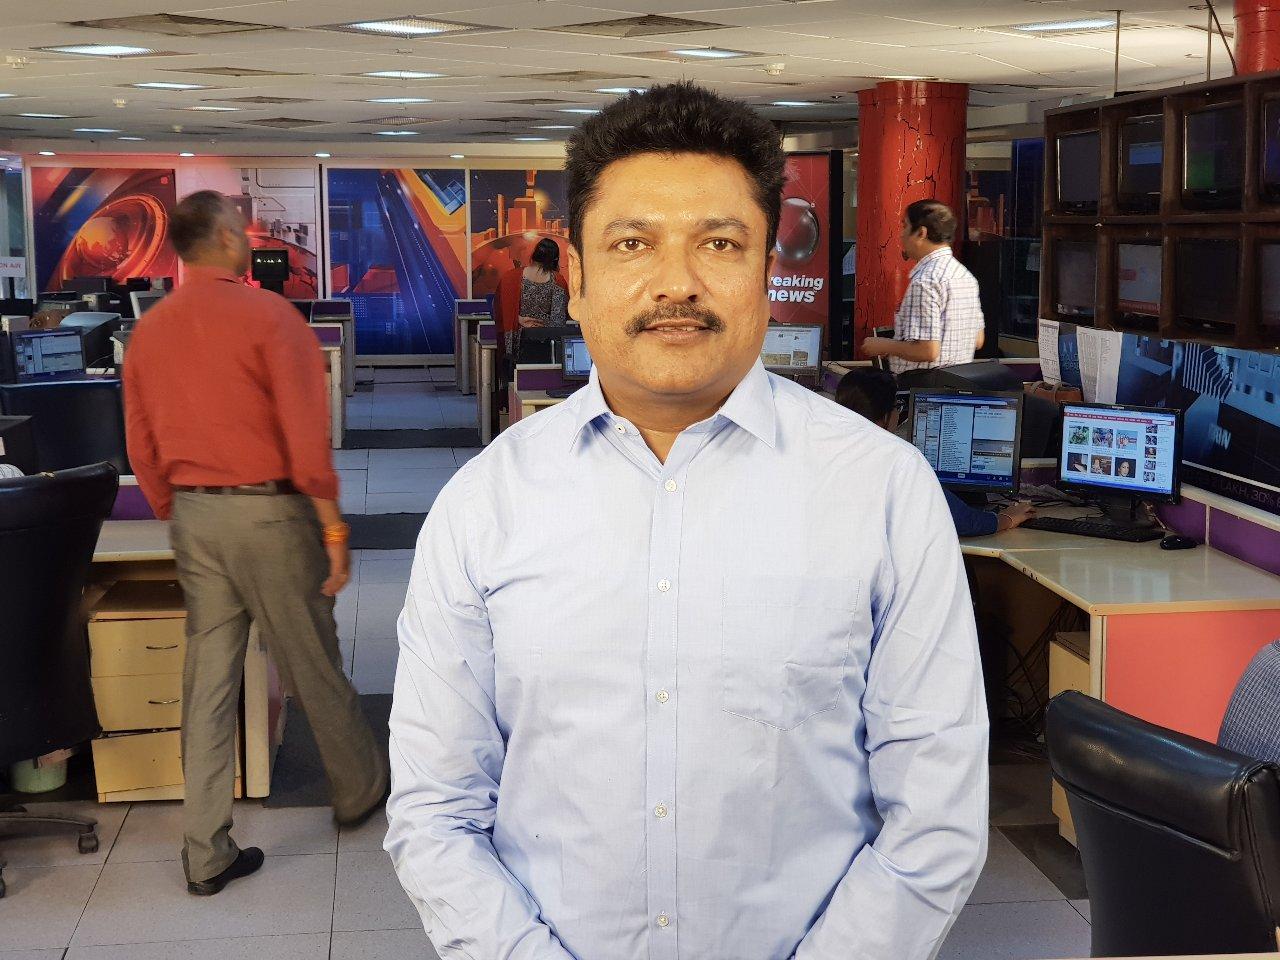 आलोक द्विवेदी को सहारा प्रबन्धन ने दी बड़ी जिम्मेदारी...सहारा समय एनसीआर राजस्थान हरियाणा चैनल का हेड बनाया